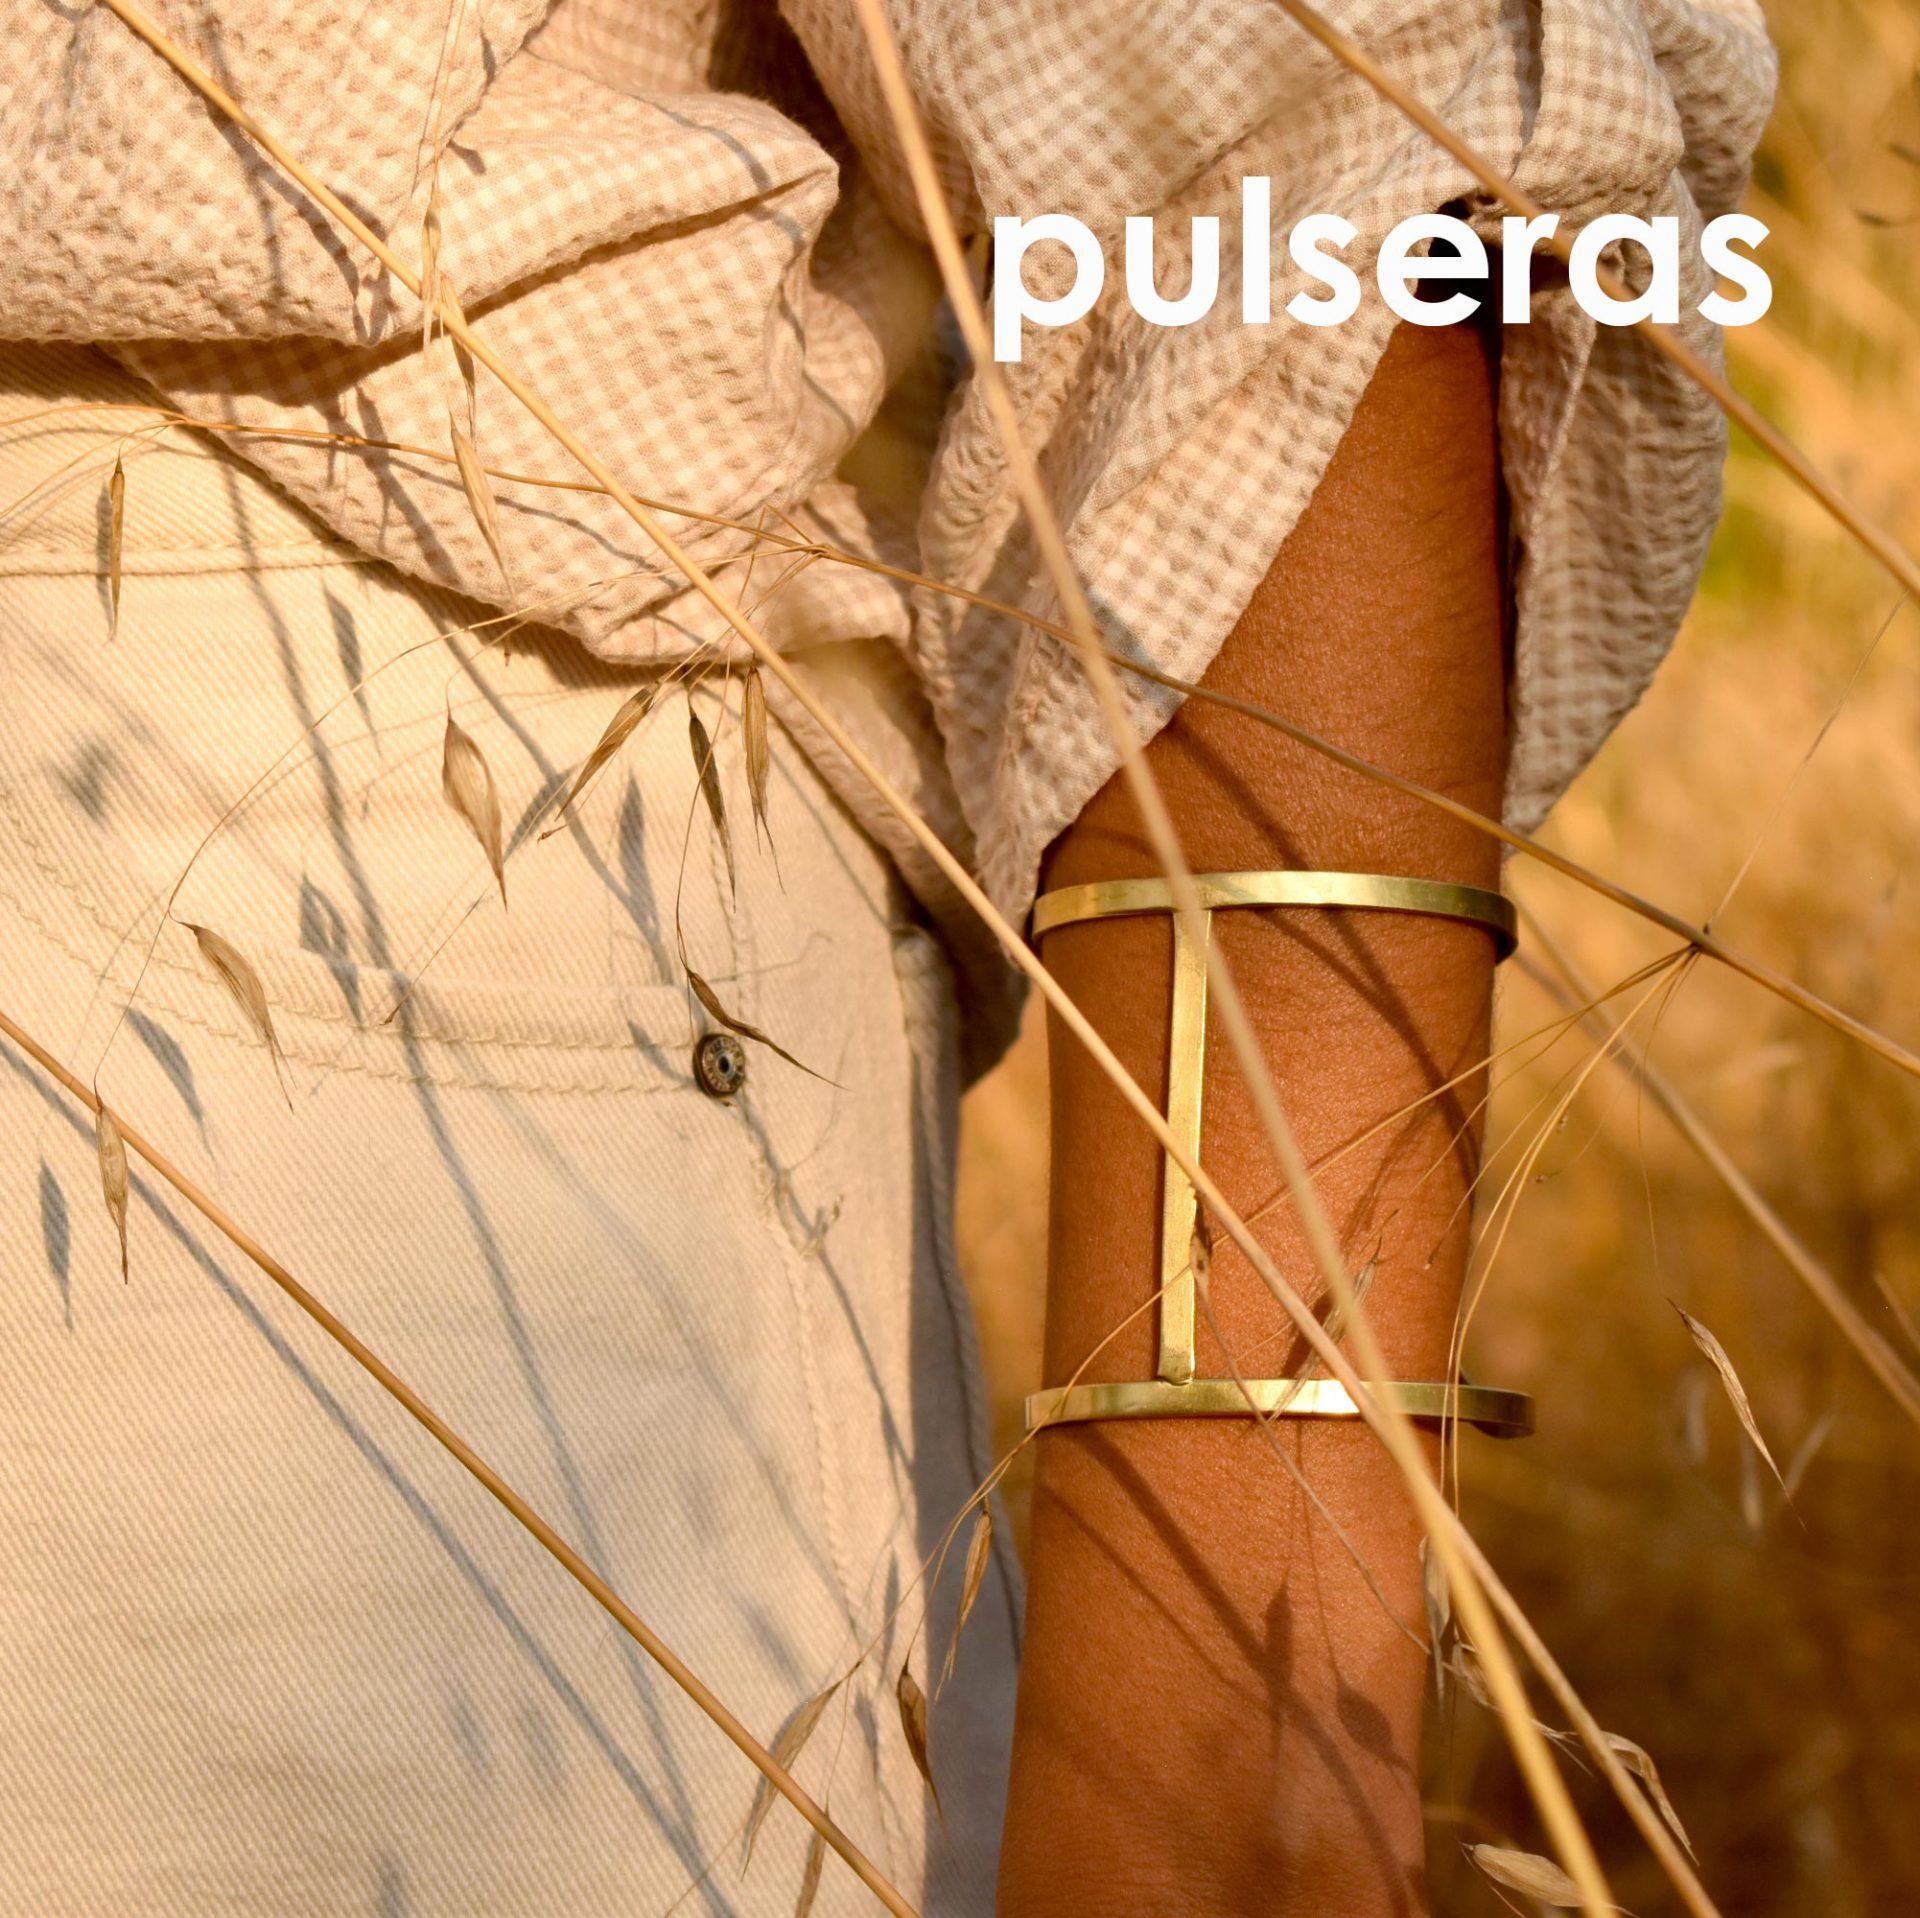 DESCUBRE NUESTRAS PULSERAS DE PLATA 925